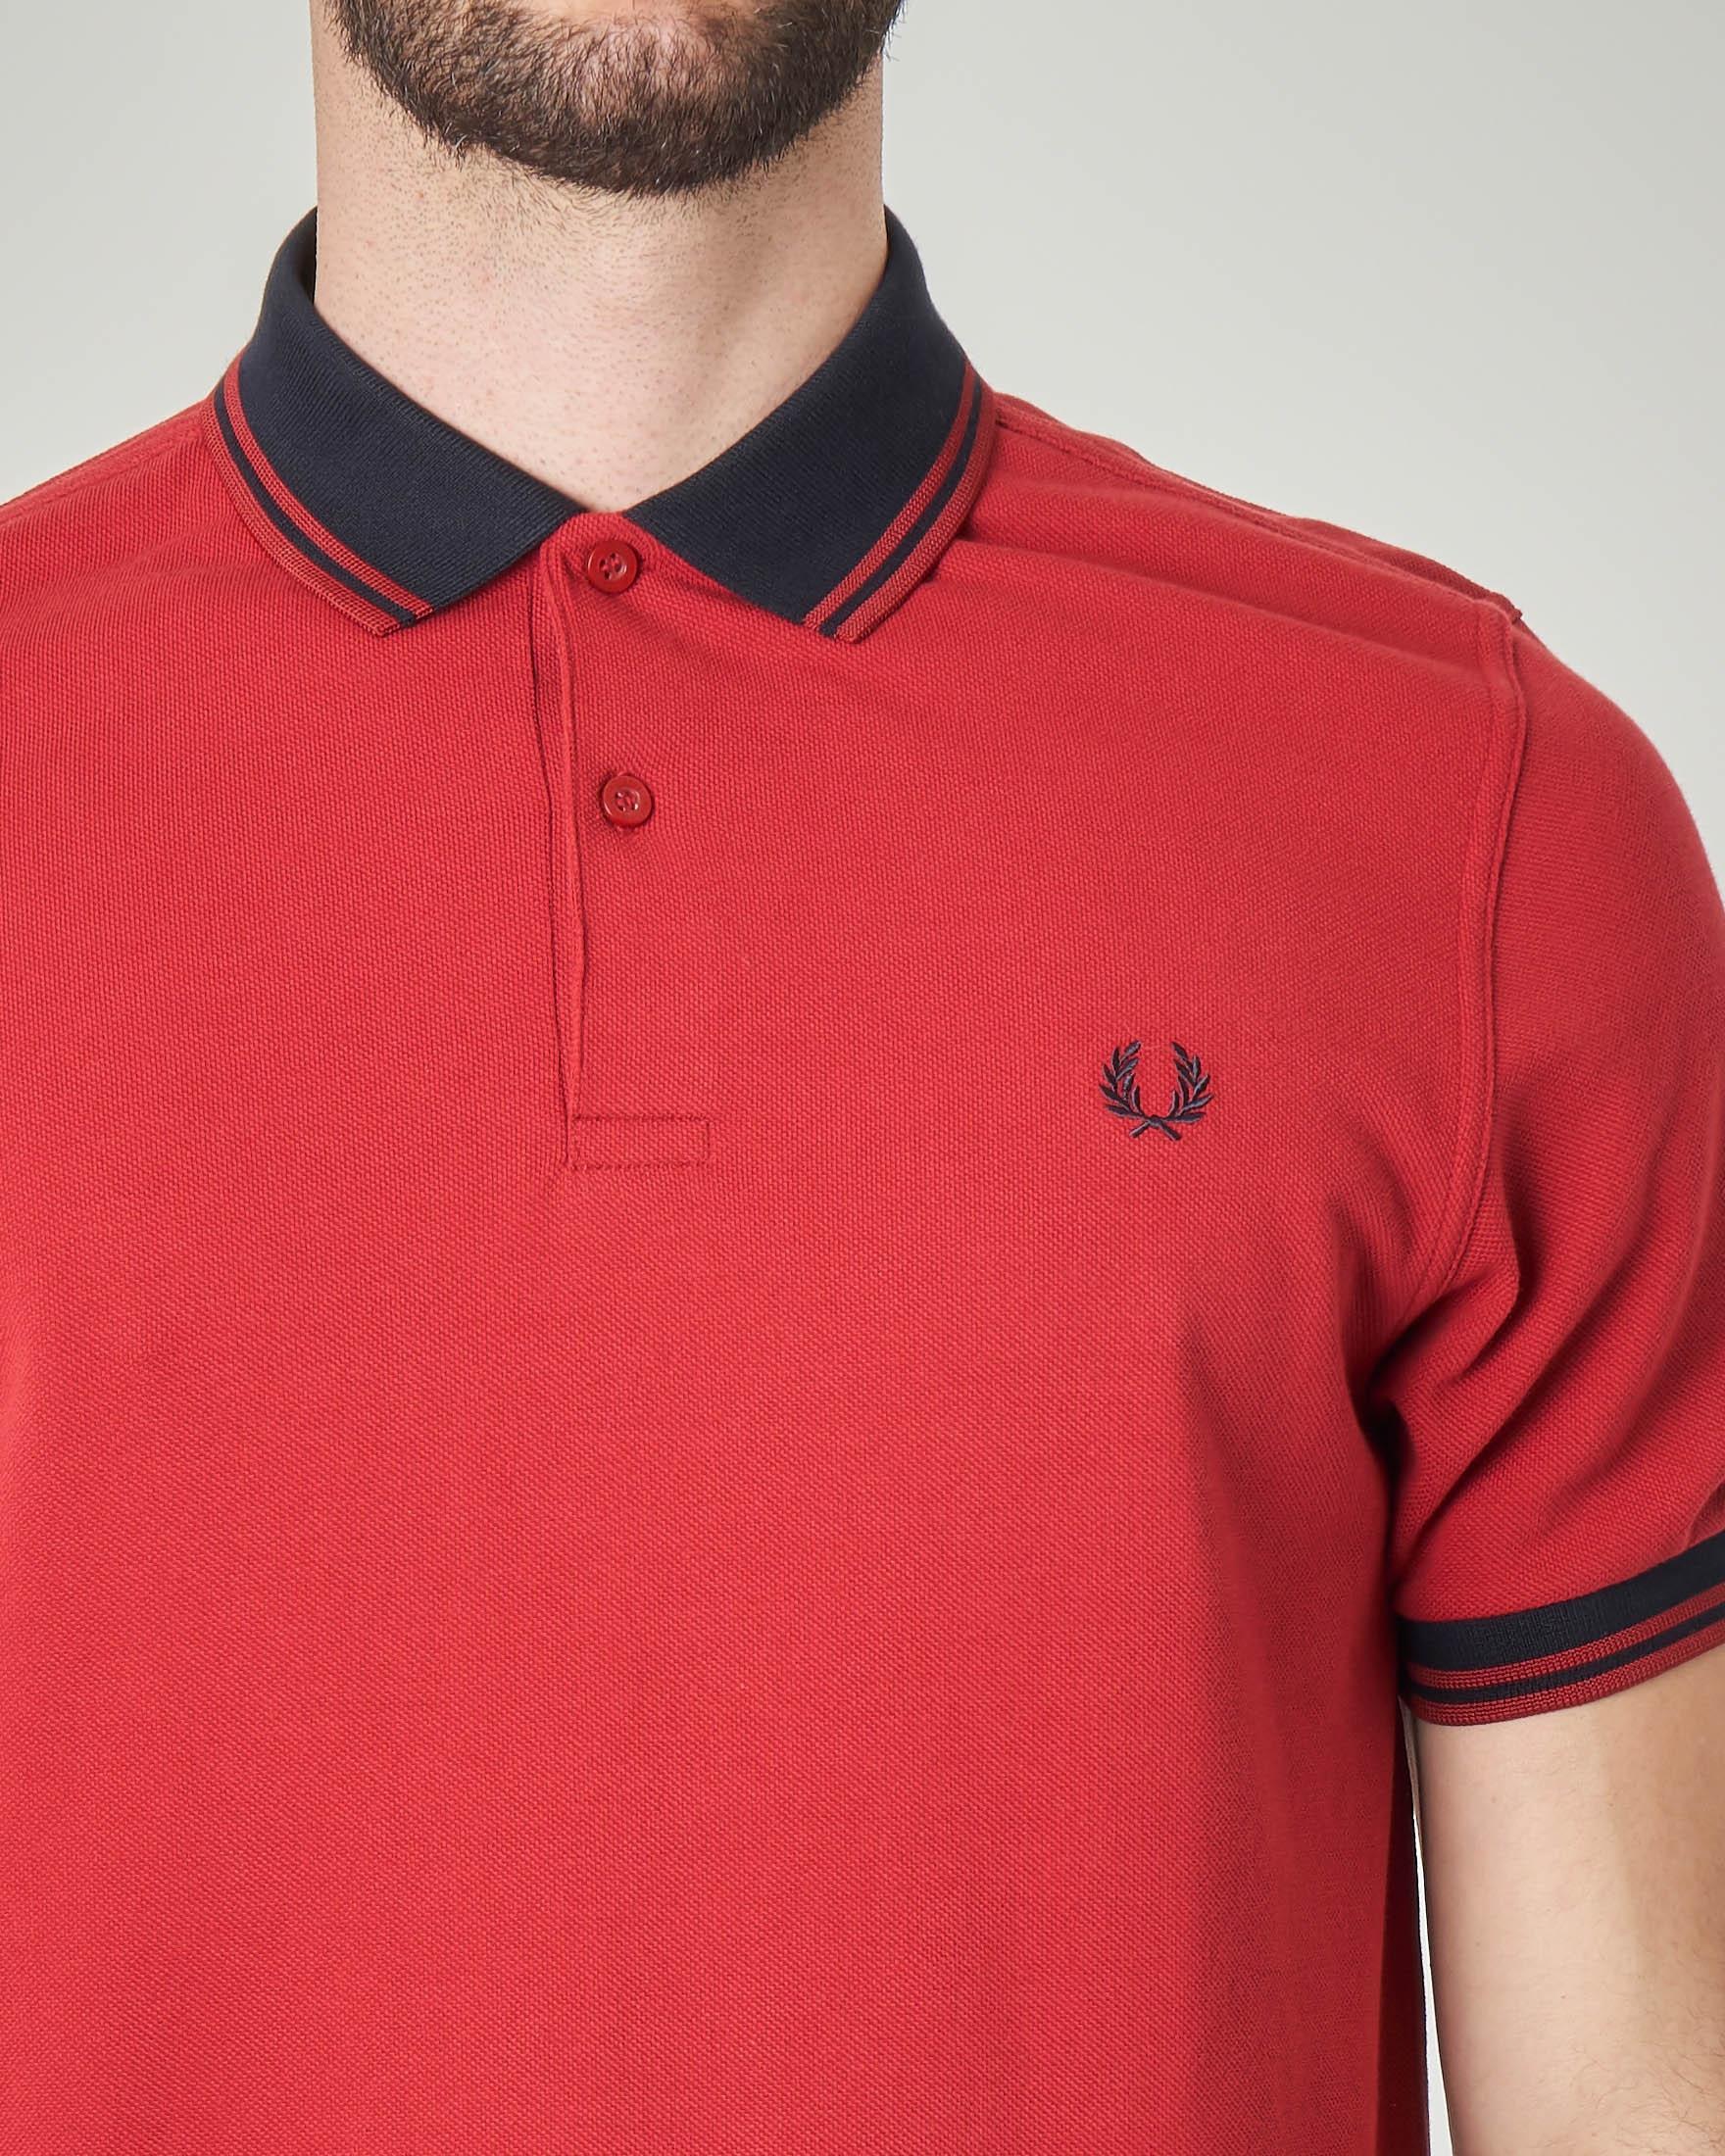 Polo rossa con collo in contrasto e bordini